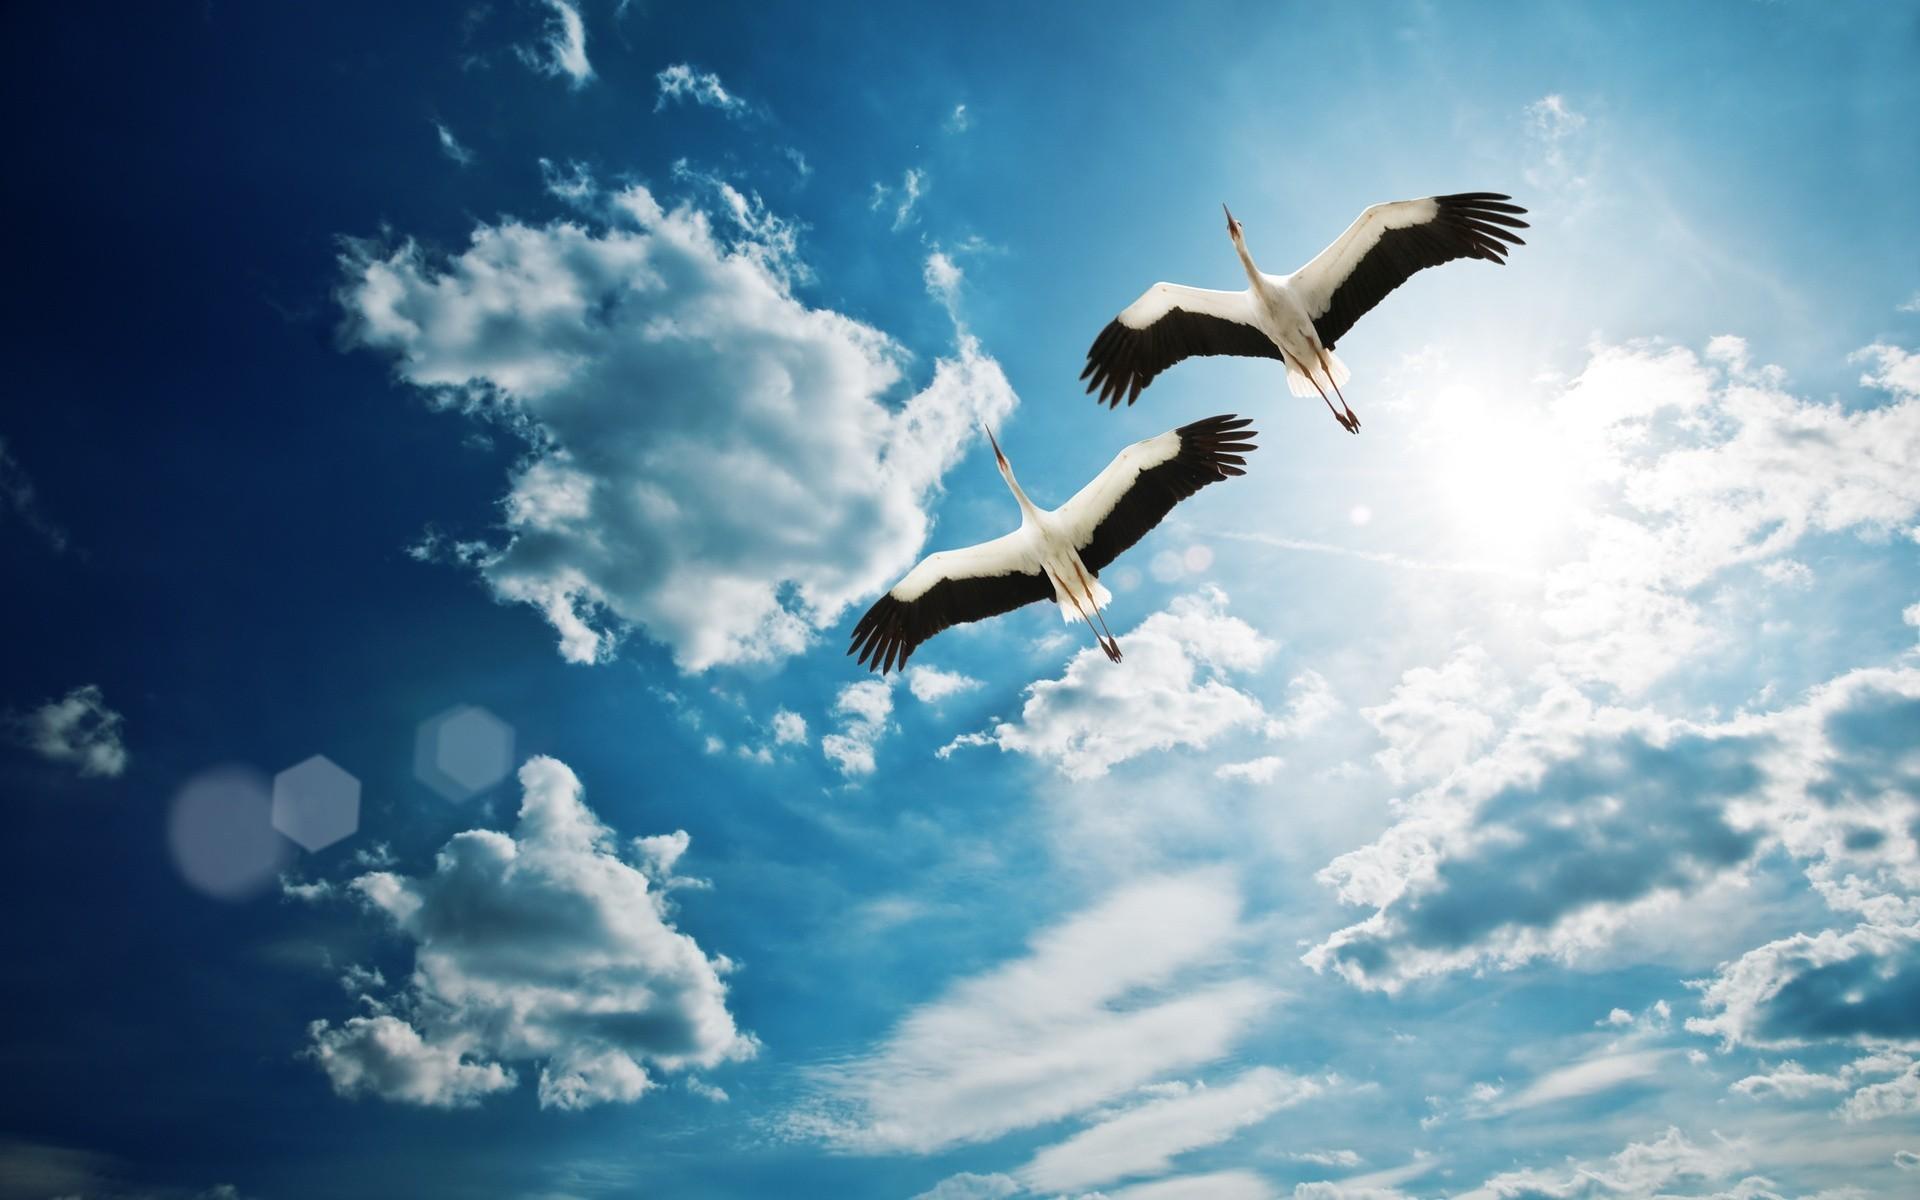 картинки с летящими птицами красивые просмотра соседних областей